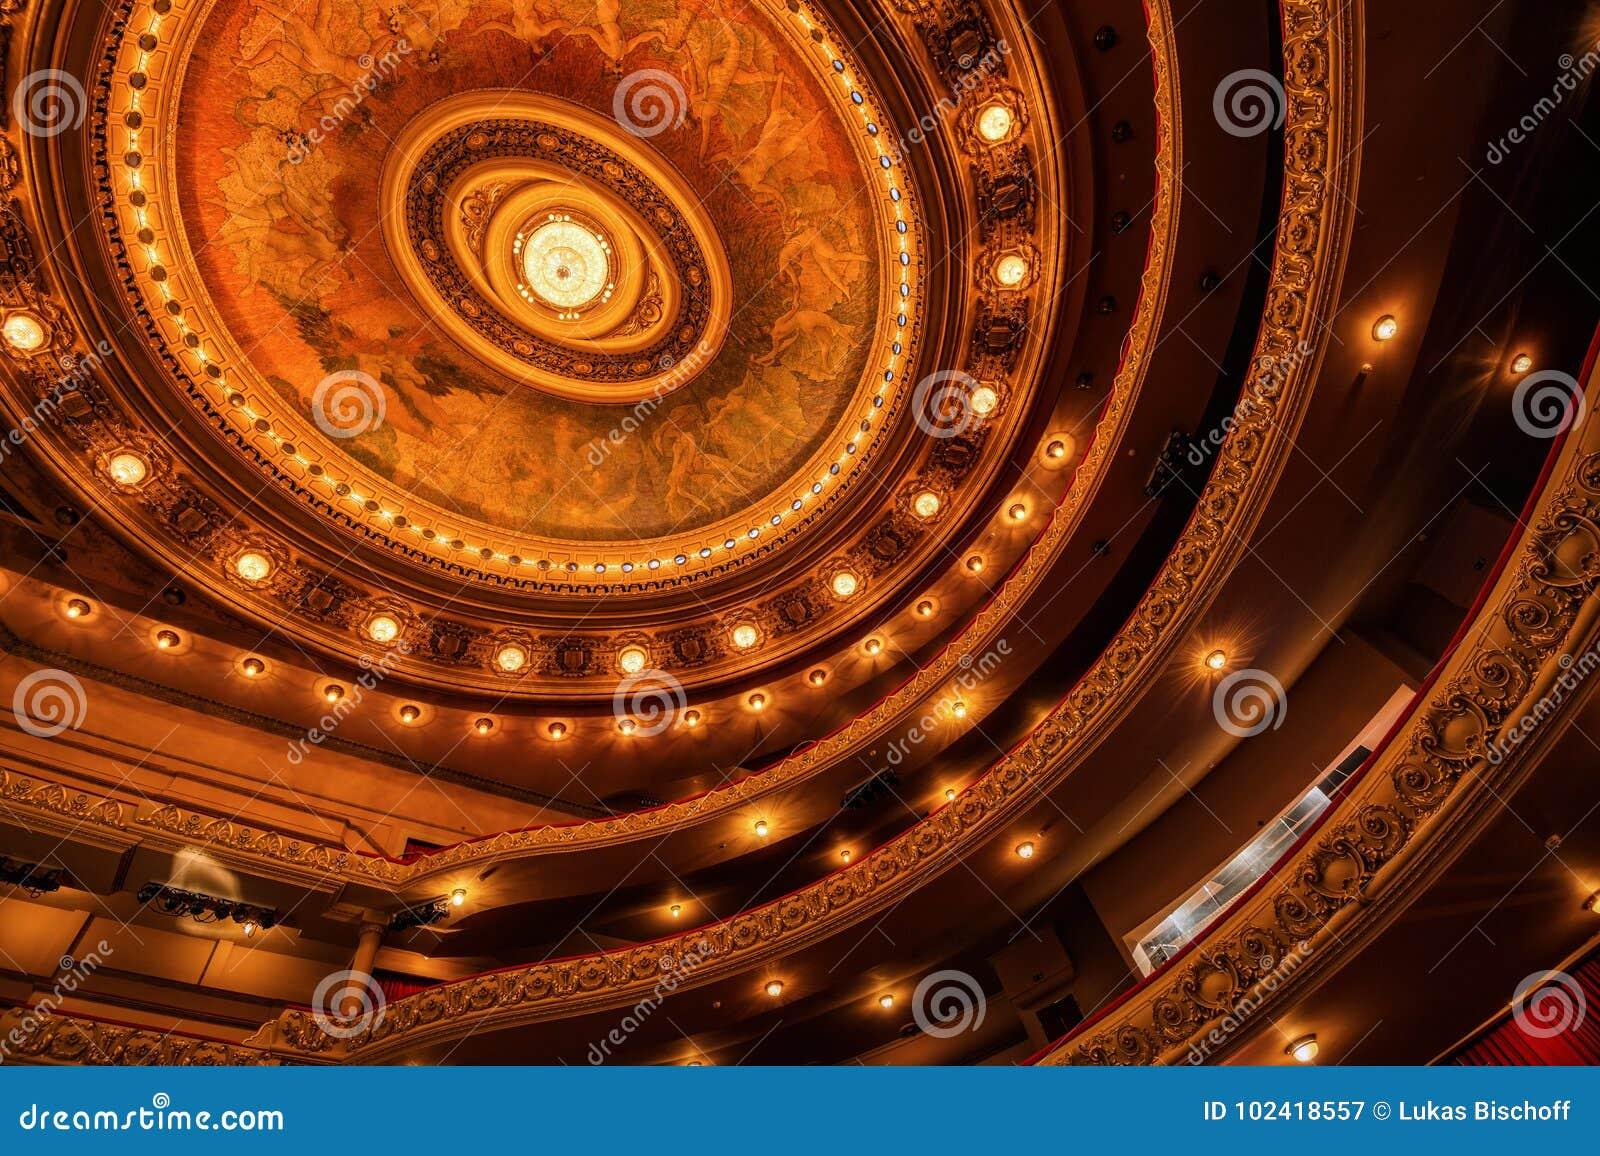 Сан-Паулу, муниципальный театр